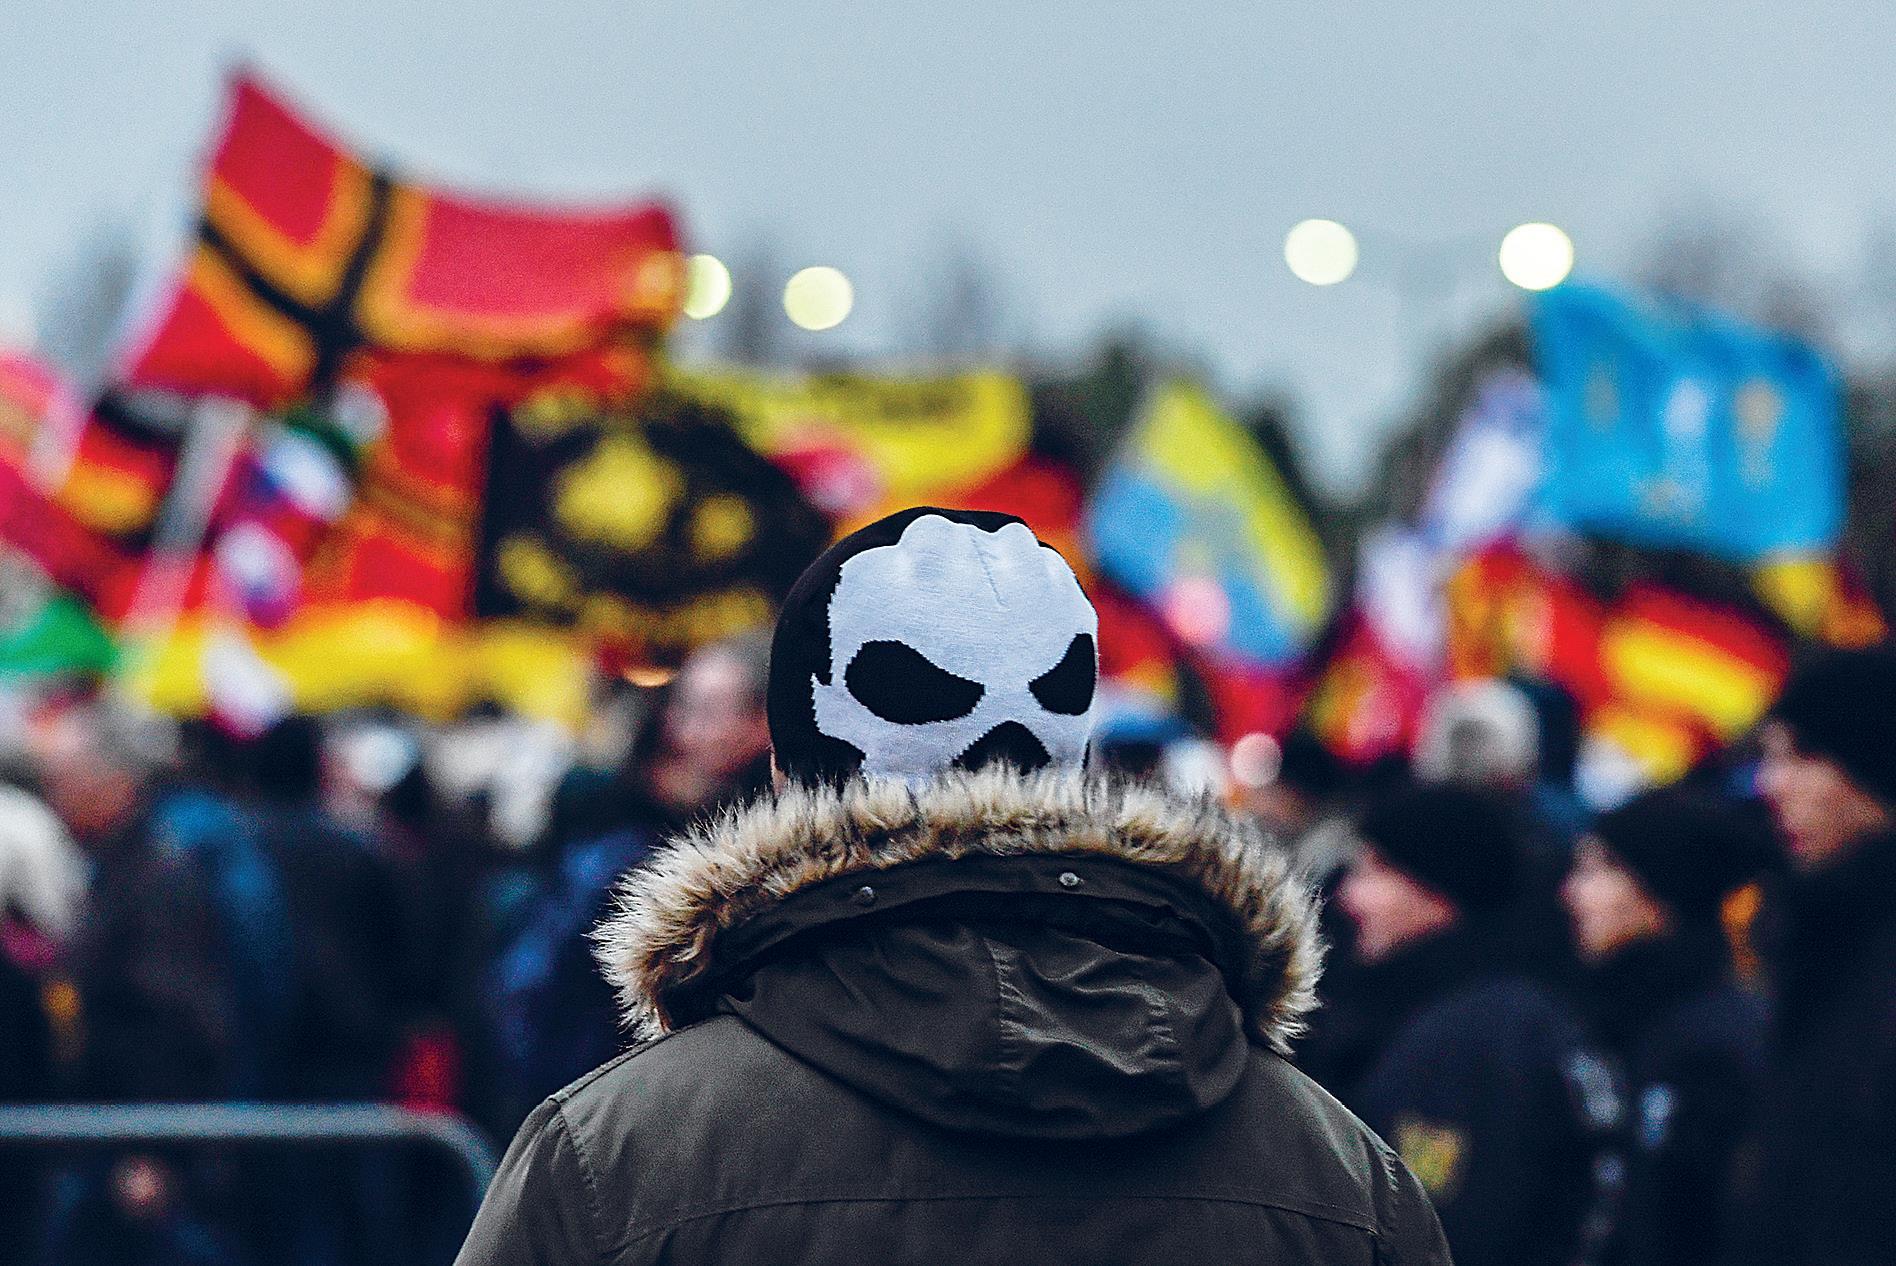 Tuhansia islaminvastaisen Pegida-liikkeen jäseniä kokoontui lokakuussa 2017 Dresdeniin juhlimaan liikkeen kolmivuotista historiaa.